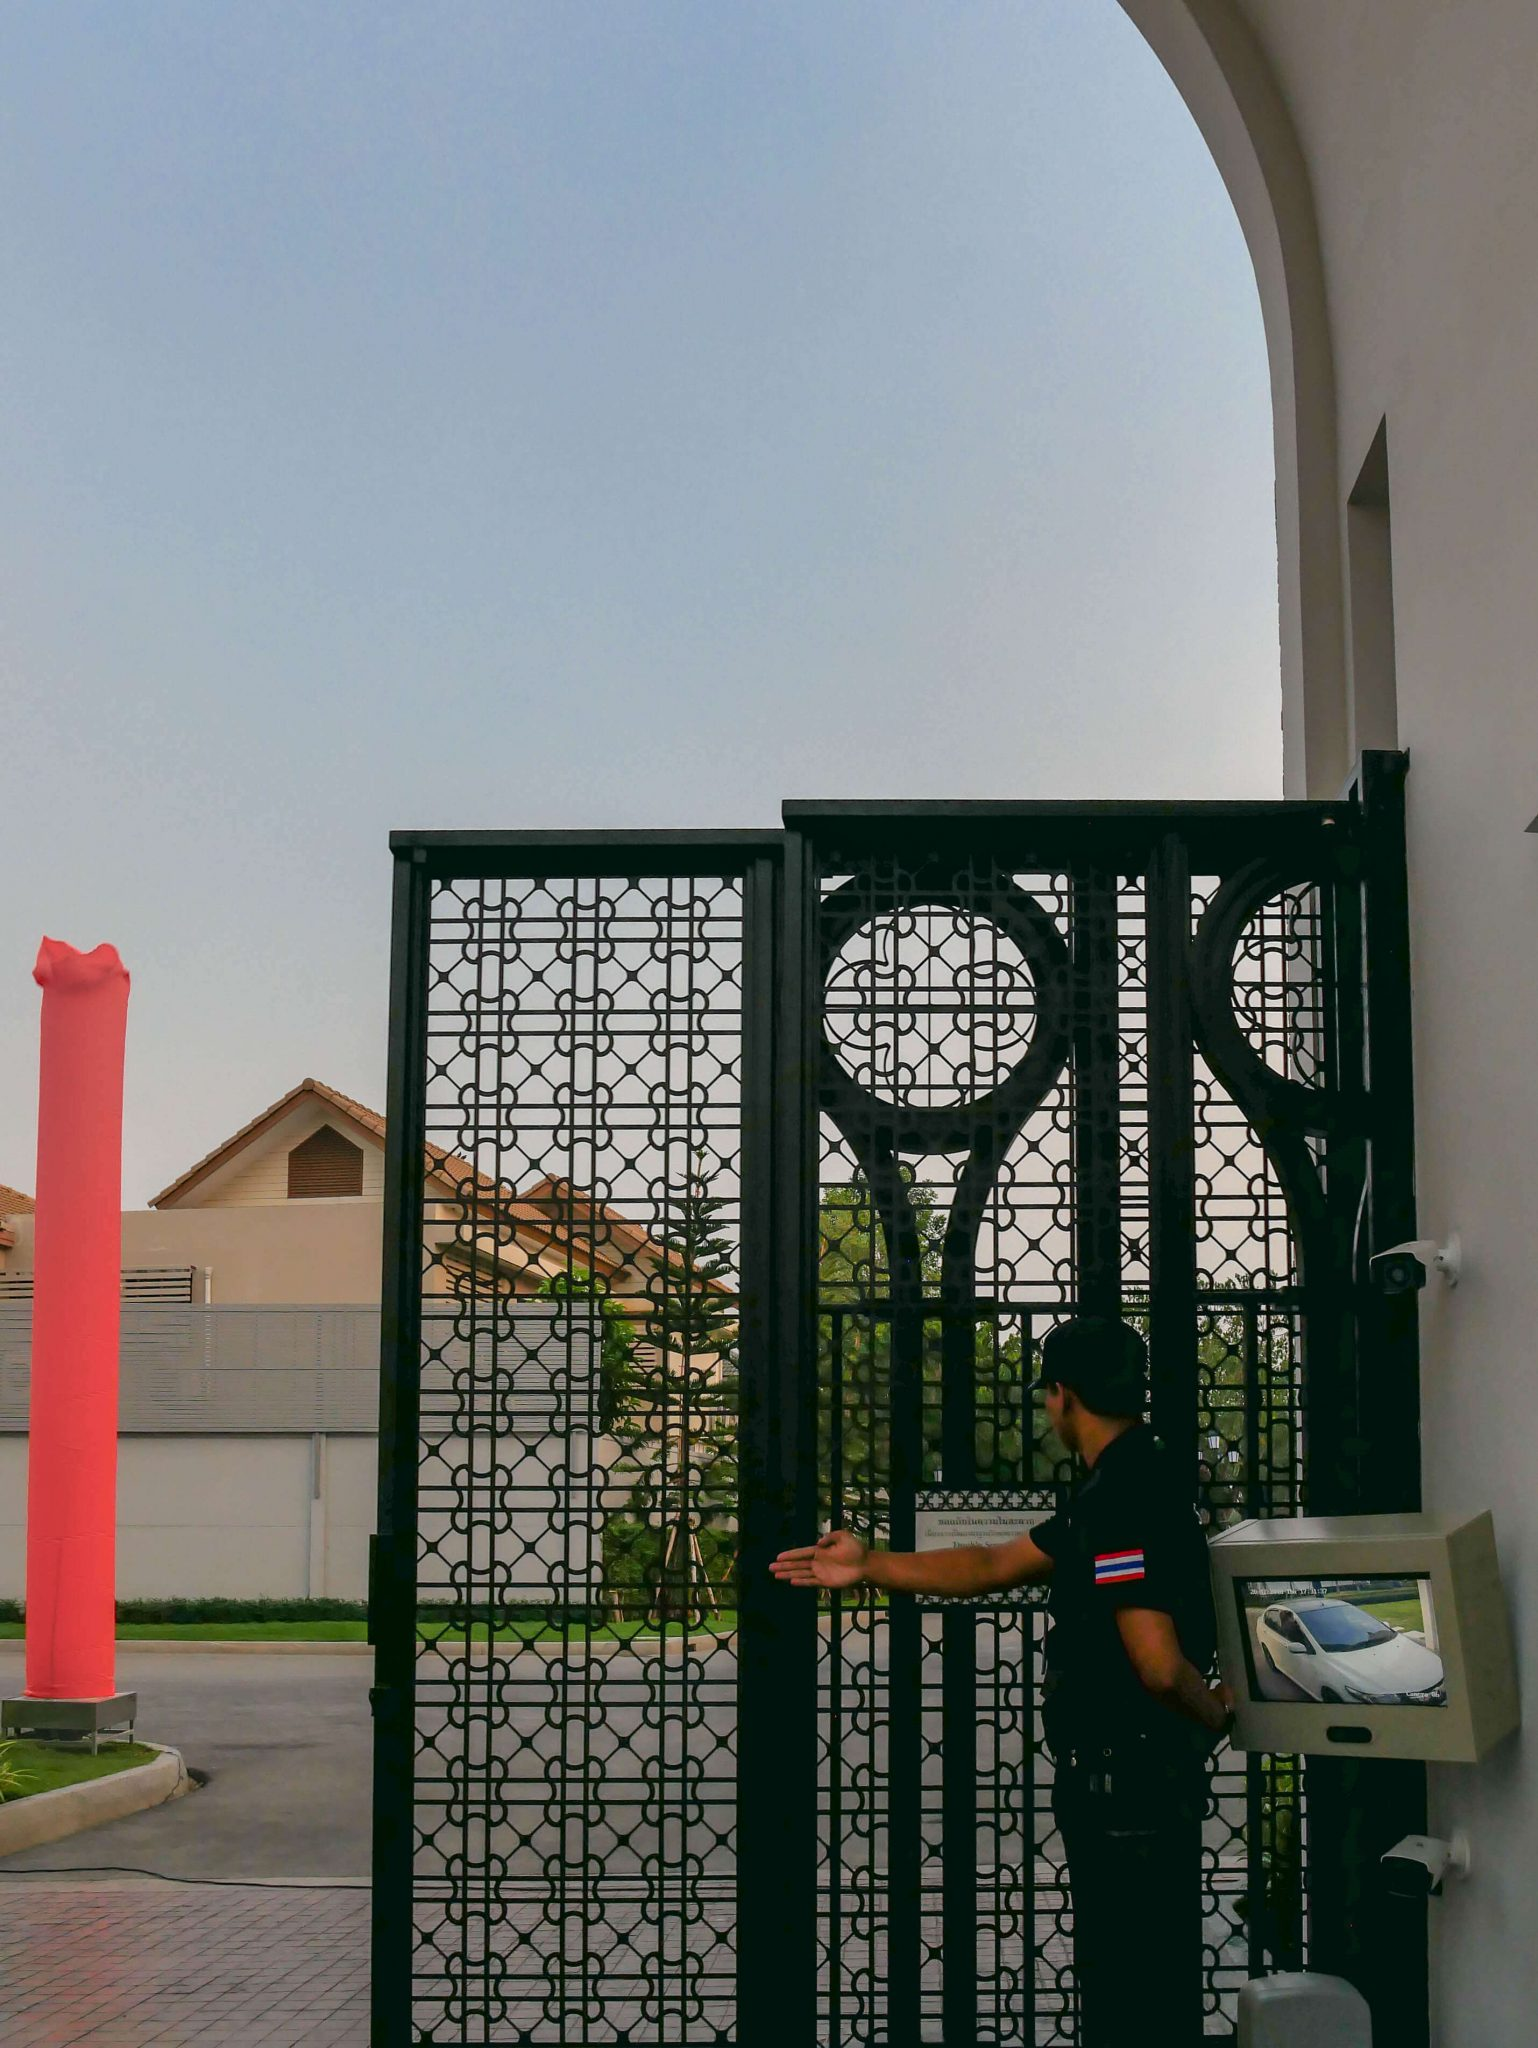 """รีวิว Grand Bangkok Boulevard รามอินทรา-เสรีไทย คลับเฮ้าส์และส่วนกลางที่ยก """"เวนิส"""" จากอิตาลีมาไว้ที่นี่ 23 - Boulevard"""